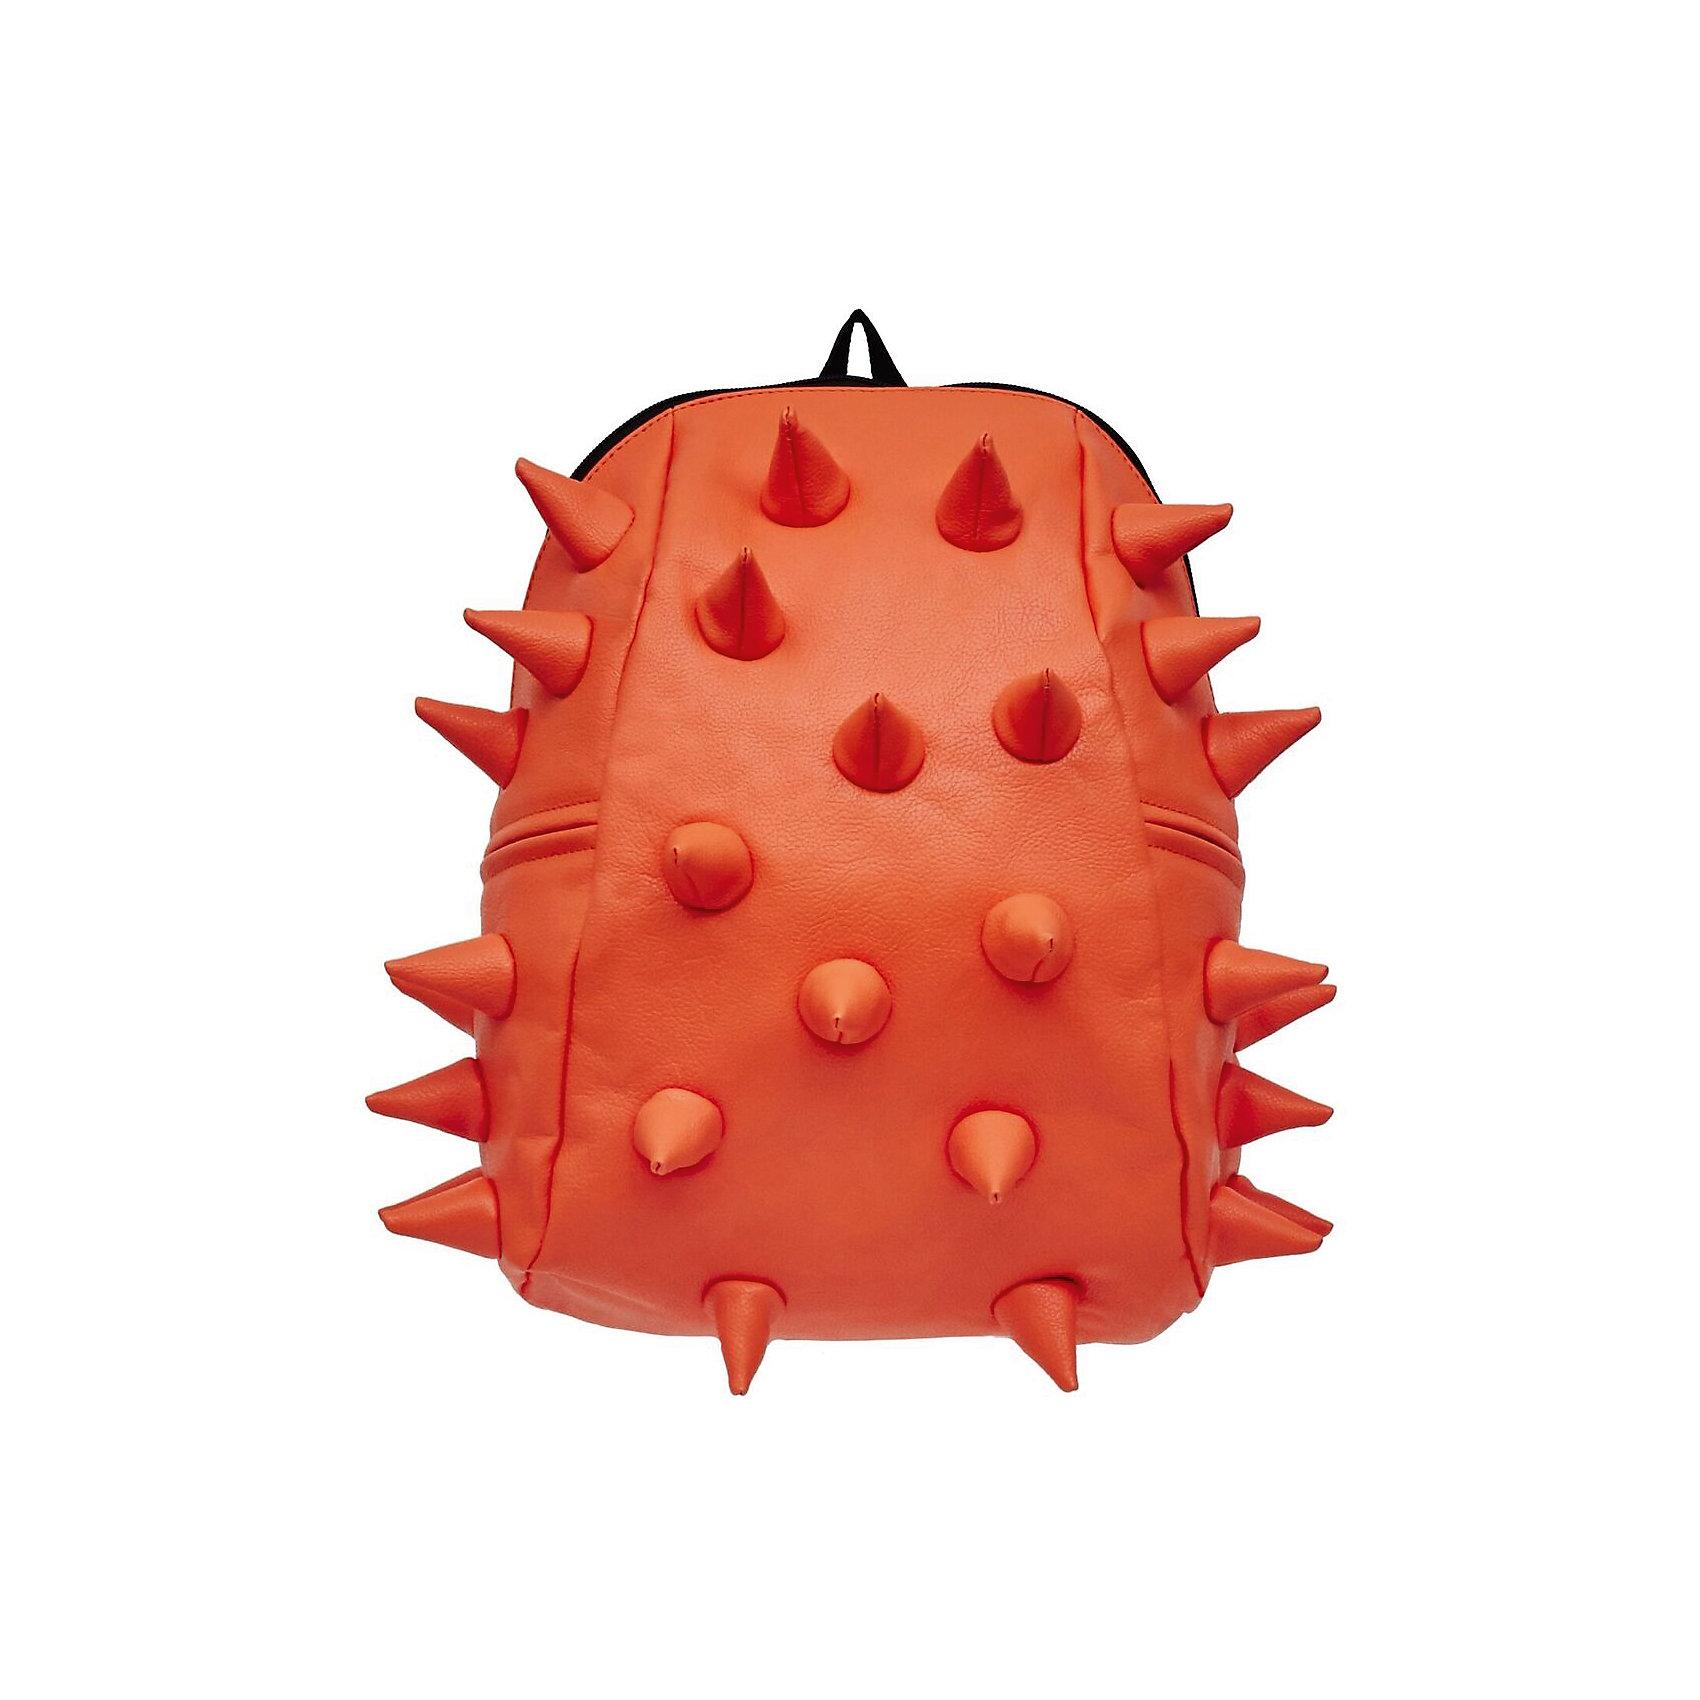 Рюкзак Rex 2 Half, цвет оранжевыйРюкзаки<br>Вес: 0,6 кг<br>Размер: 36х30х15 см<br>Состав: рюкзак<br>Наличие светоотражающих элементов: нет<br>Материал: полиуретан<br><br>Ширина мм: 360<br>Глубина мм: 310<br>Высота мм: 150<br>Вес г: 600<br>Возраст от месяцев: 36<br>Возраст до месяцев: 720<br>Пол: Унисекс<br>Возраст: Детский<br>SKU: 7054067